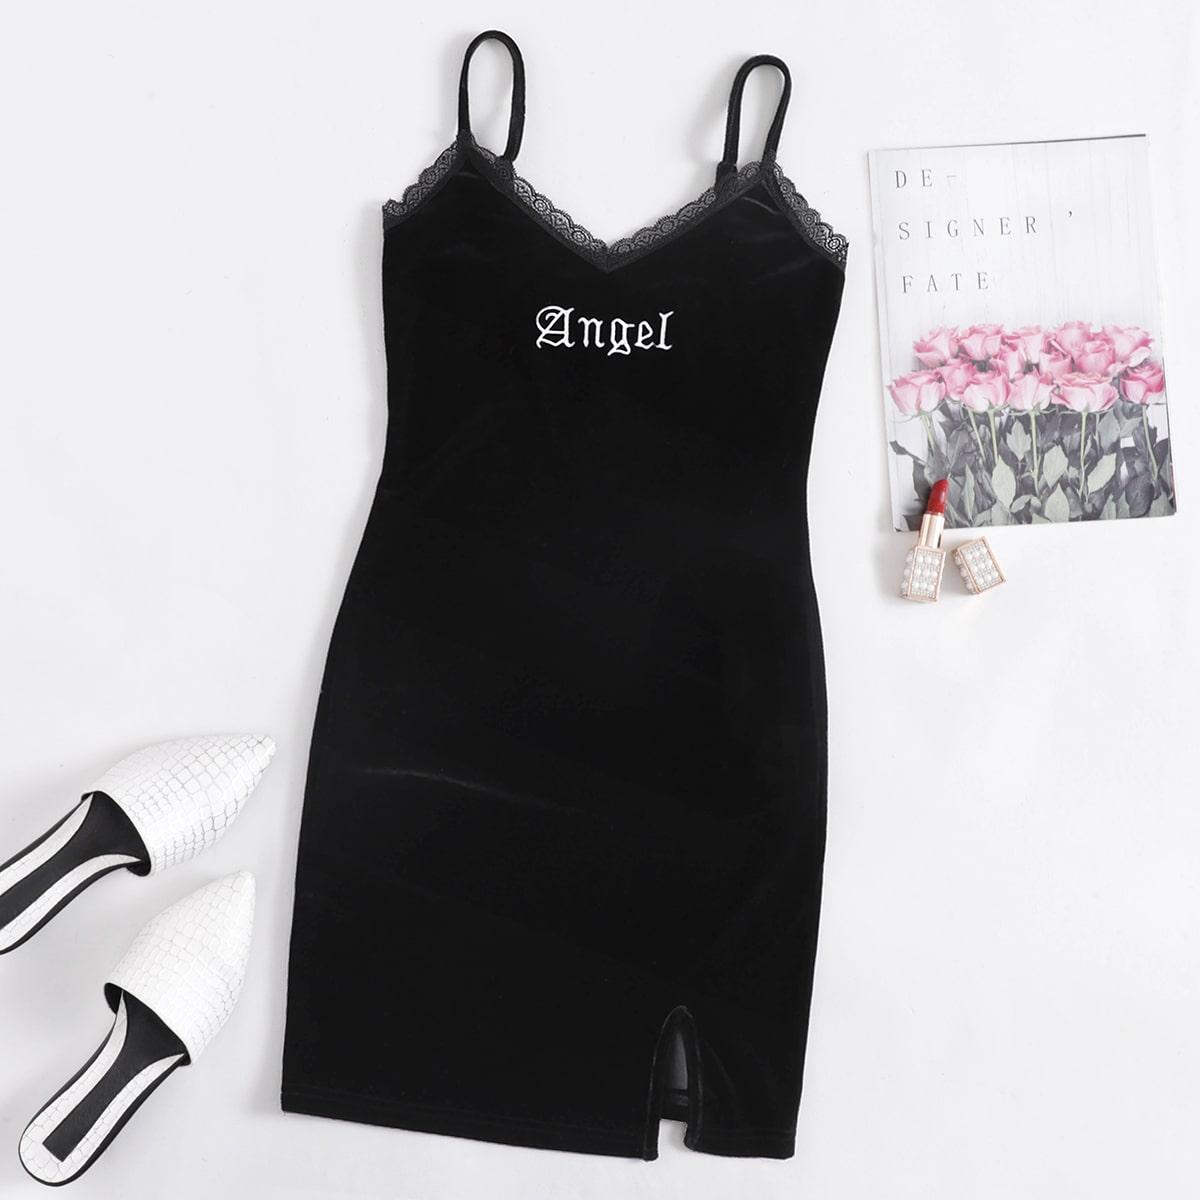 Бархатное облегающее платье размера плюс с текстовой вышивкой и кружевной отделкой